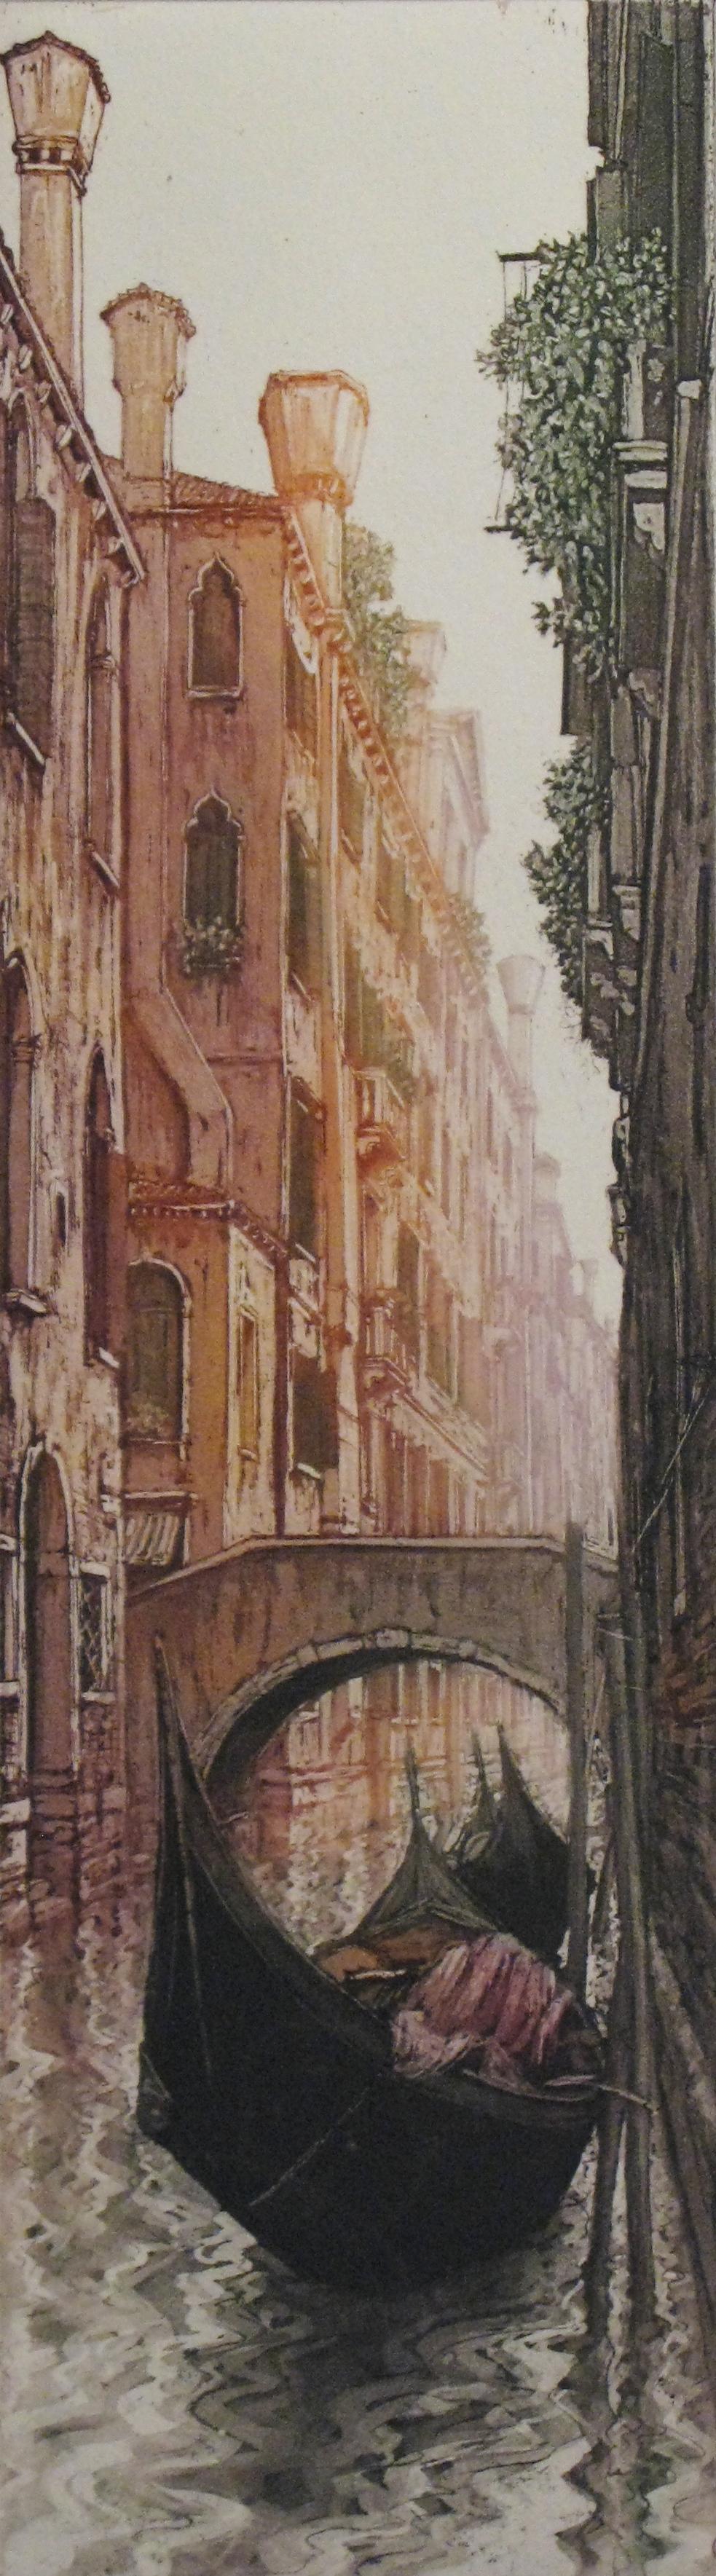 Venice XLII